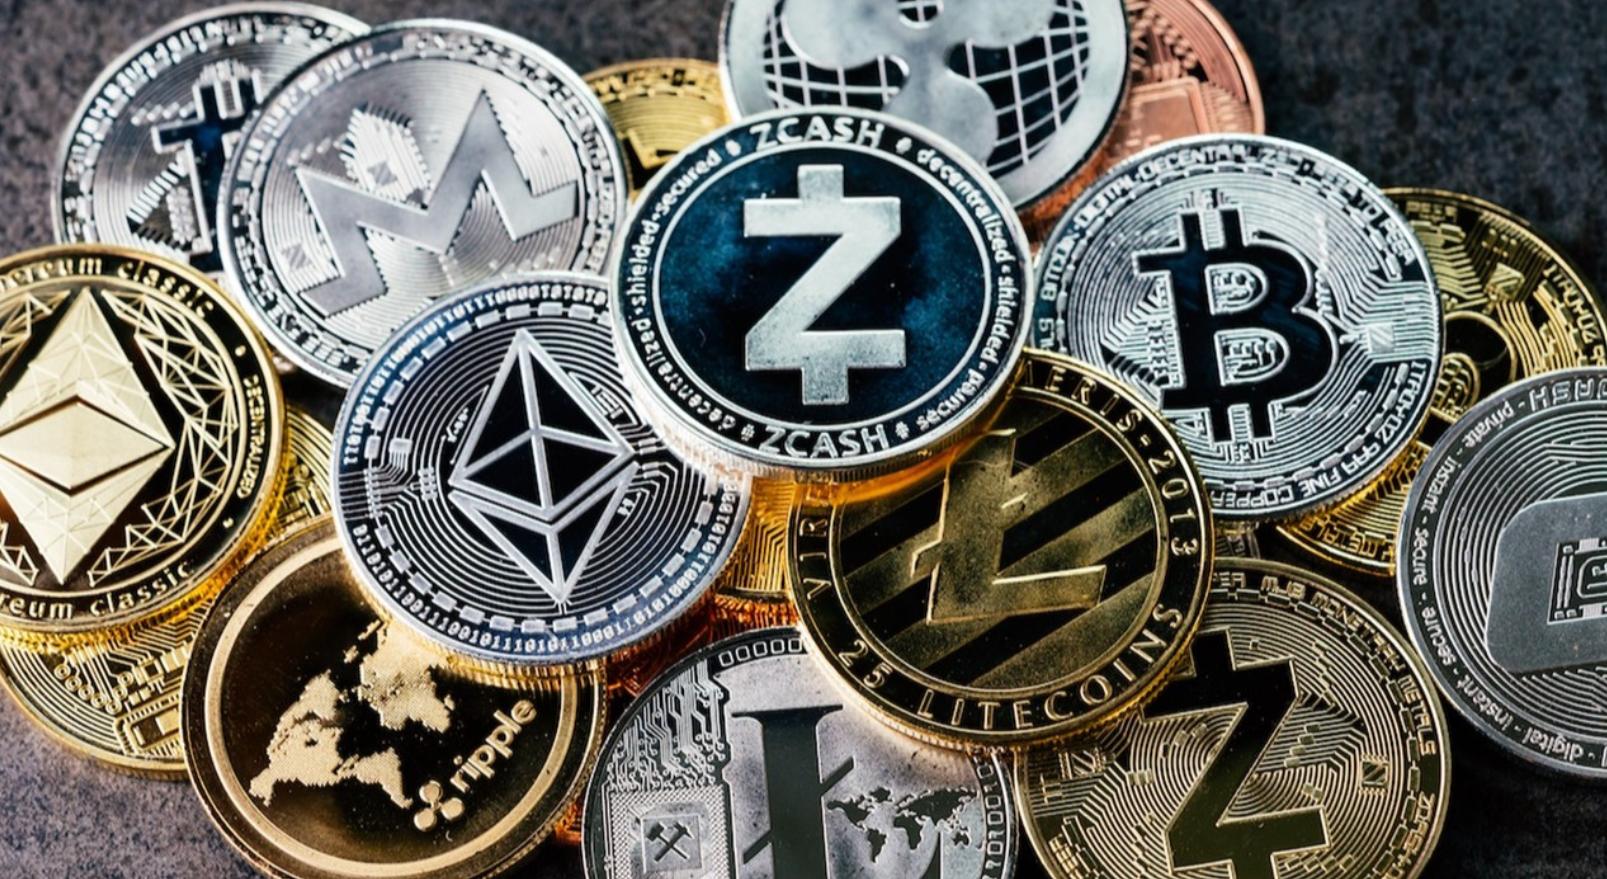 Kripto Paraların Kabulü Hızlanacak!